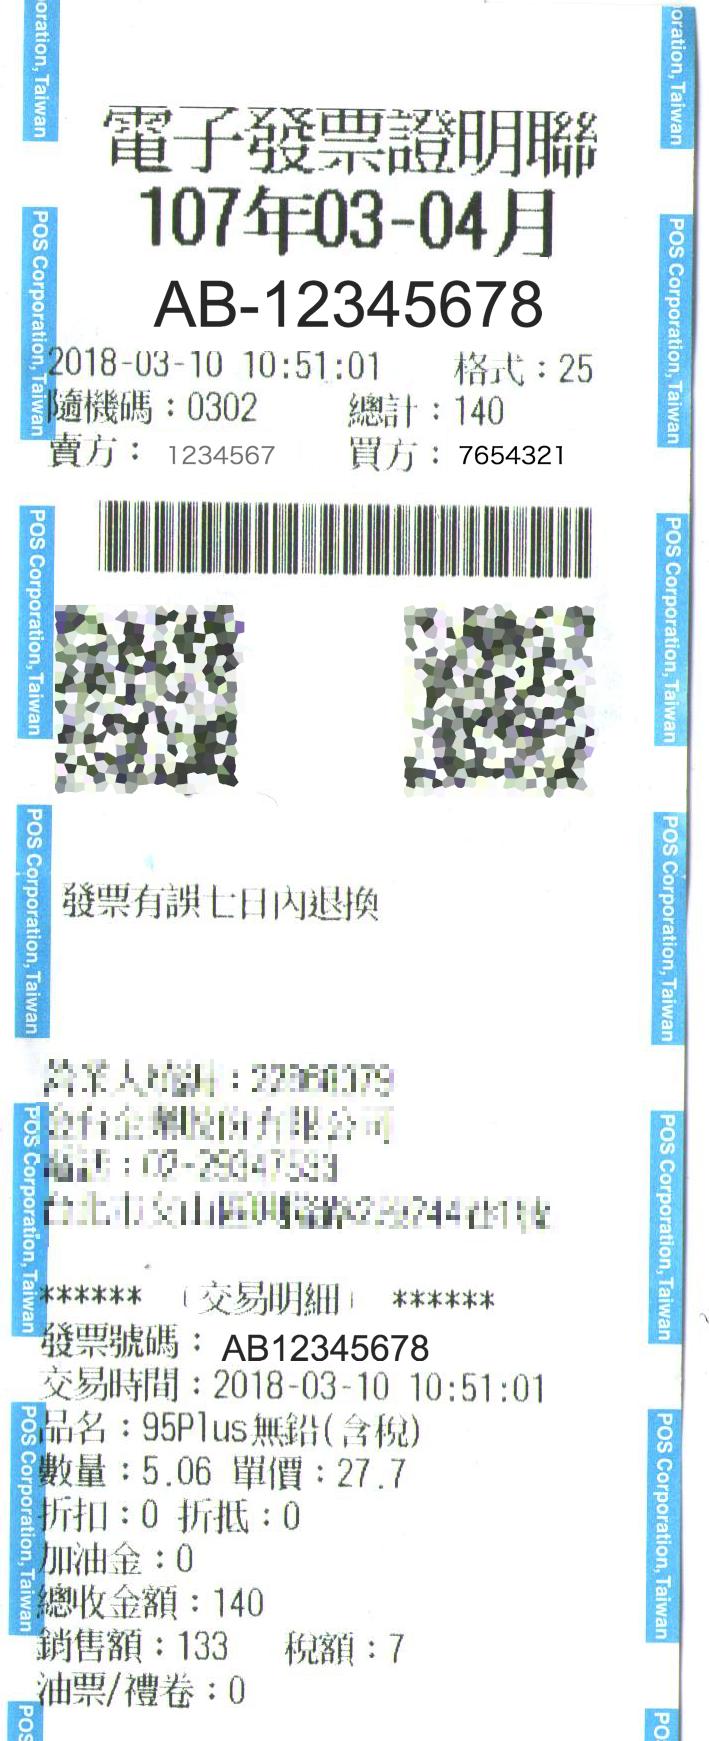 二維條碼發票有統編